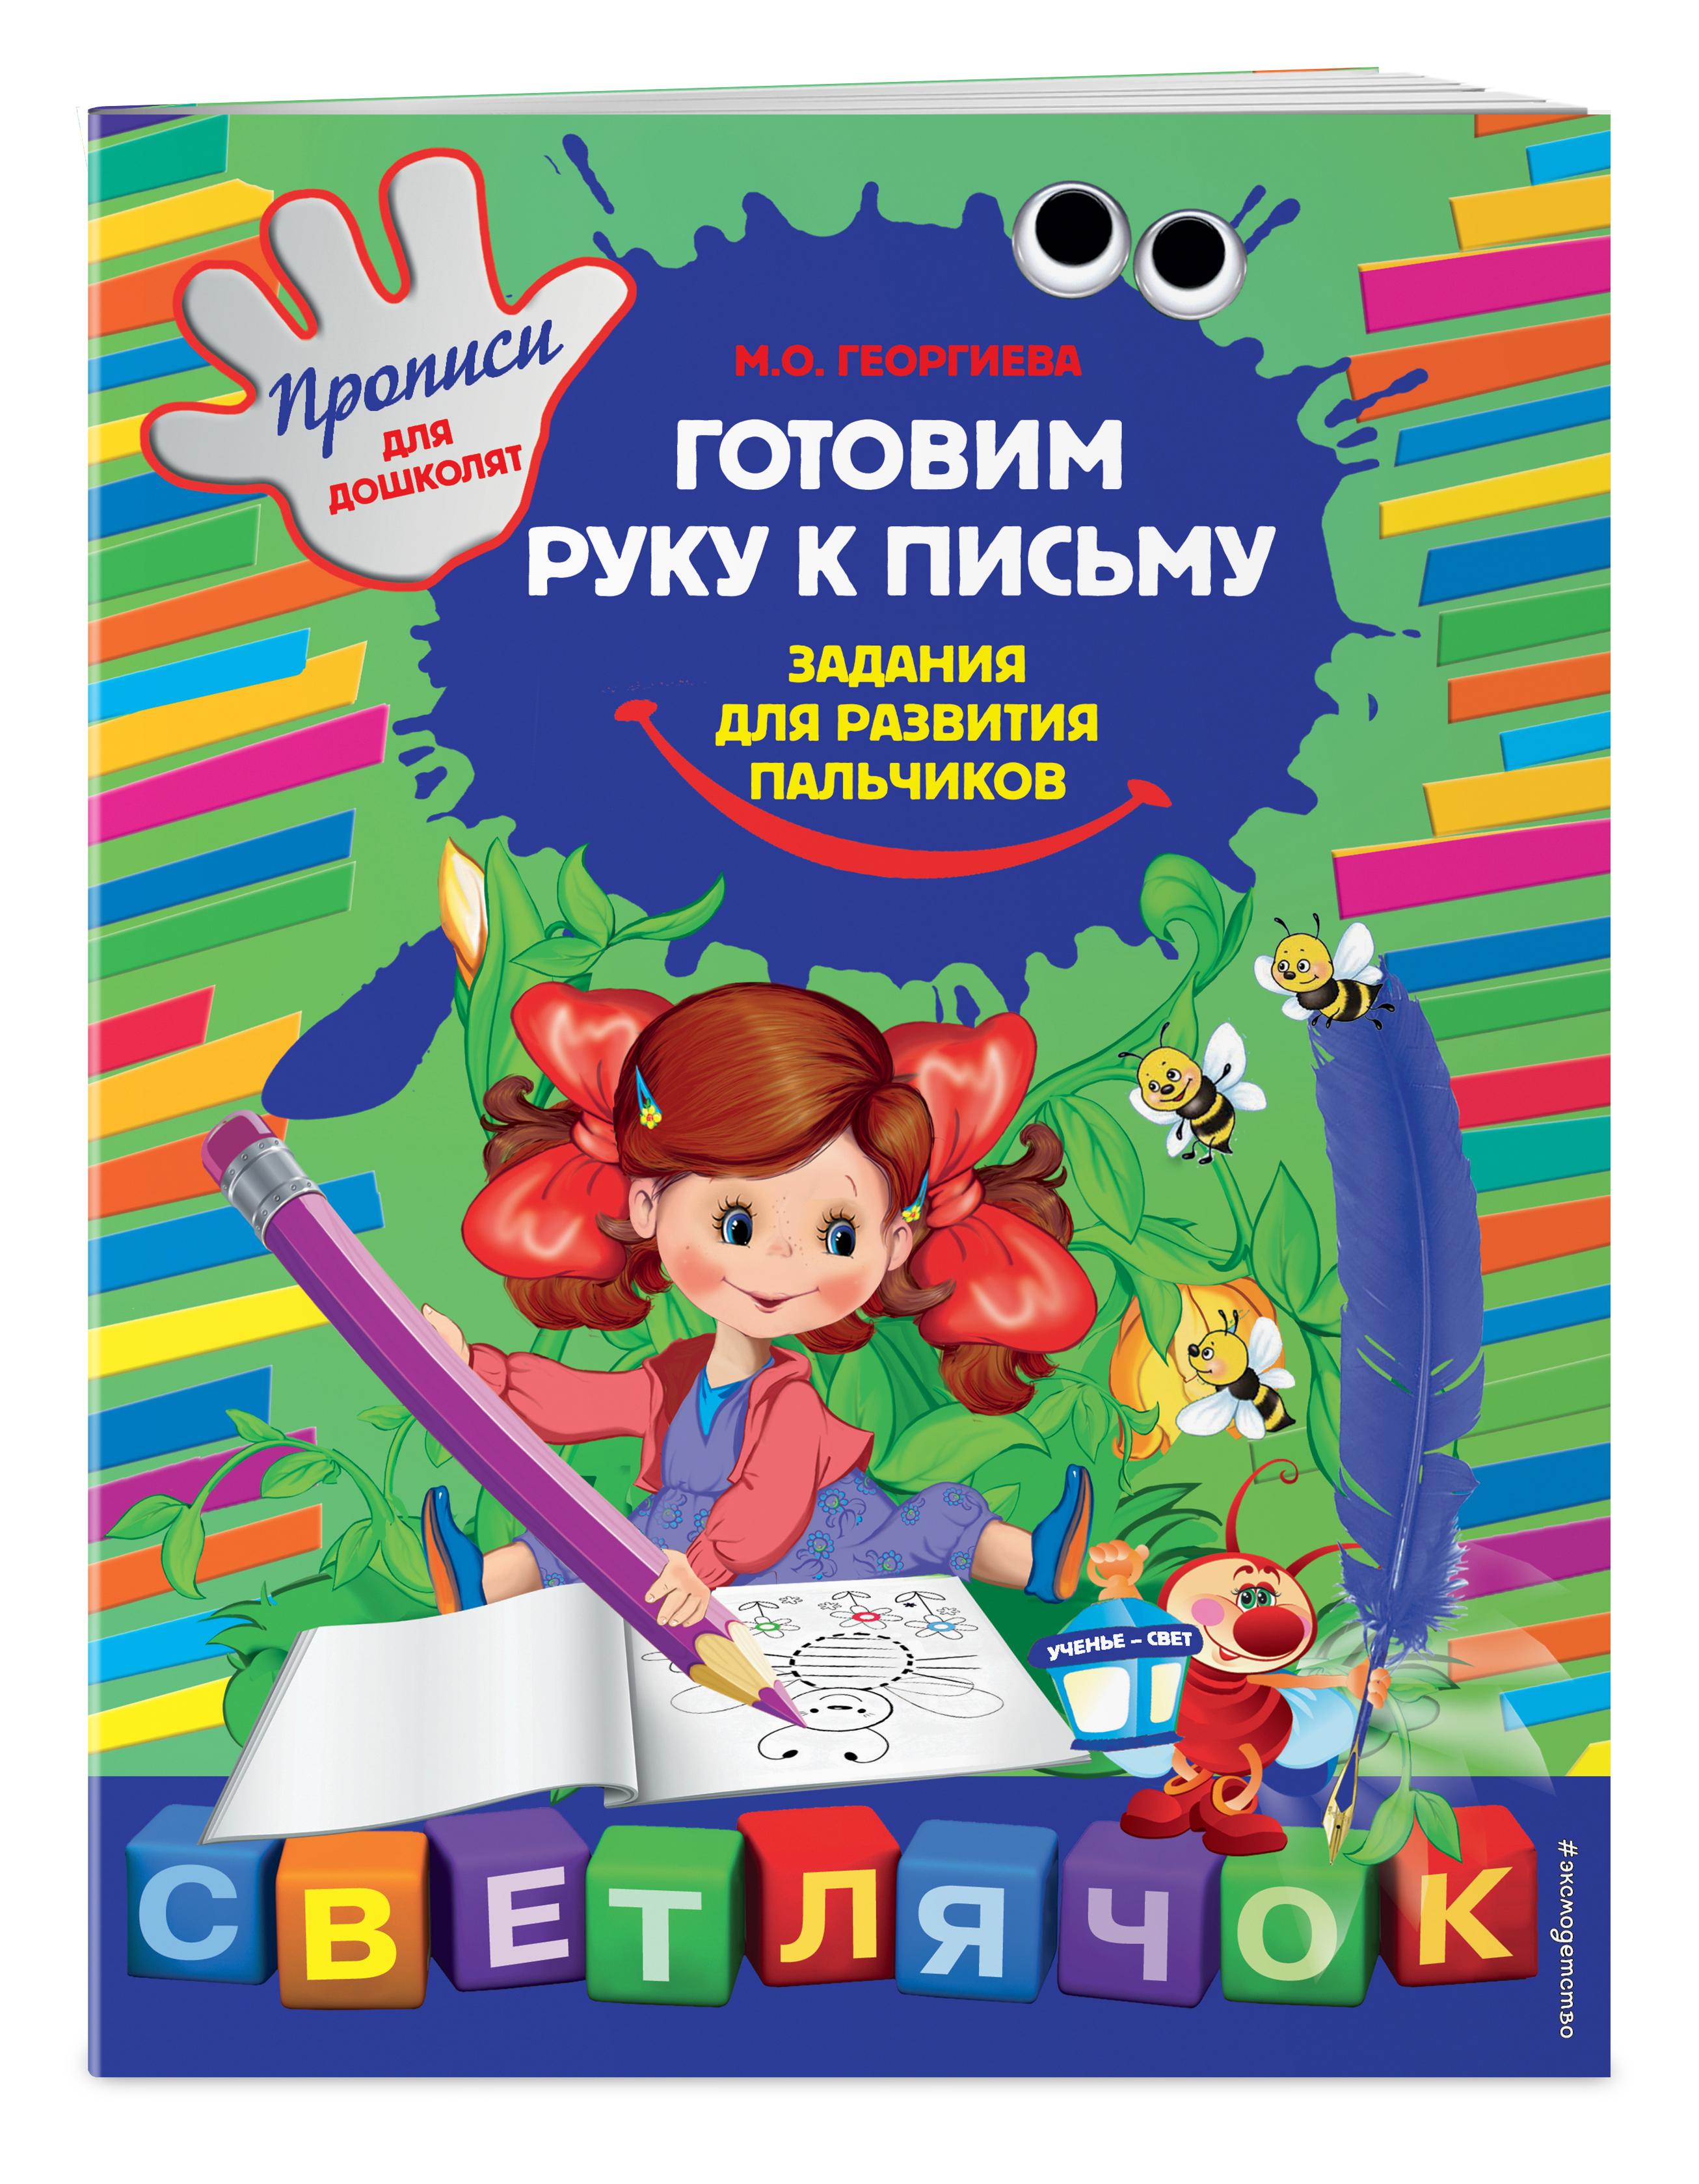 М.О. Георгиева Готовим руку к письму: задания для развития пальчиков в г лисовский академия художеств